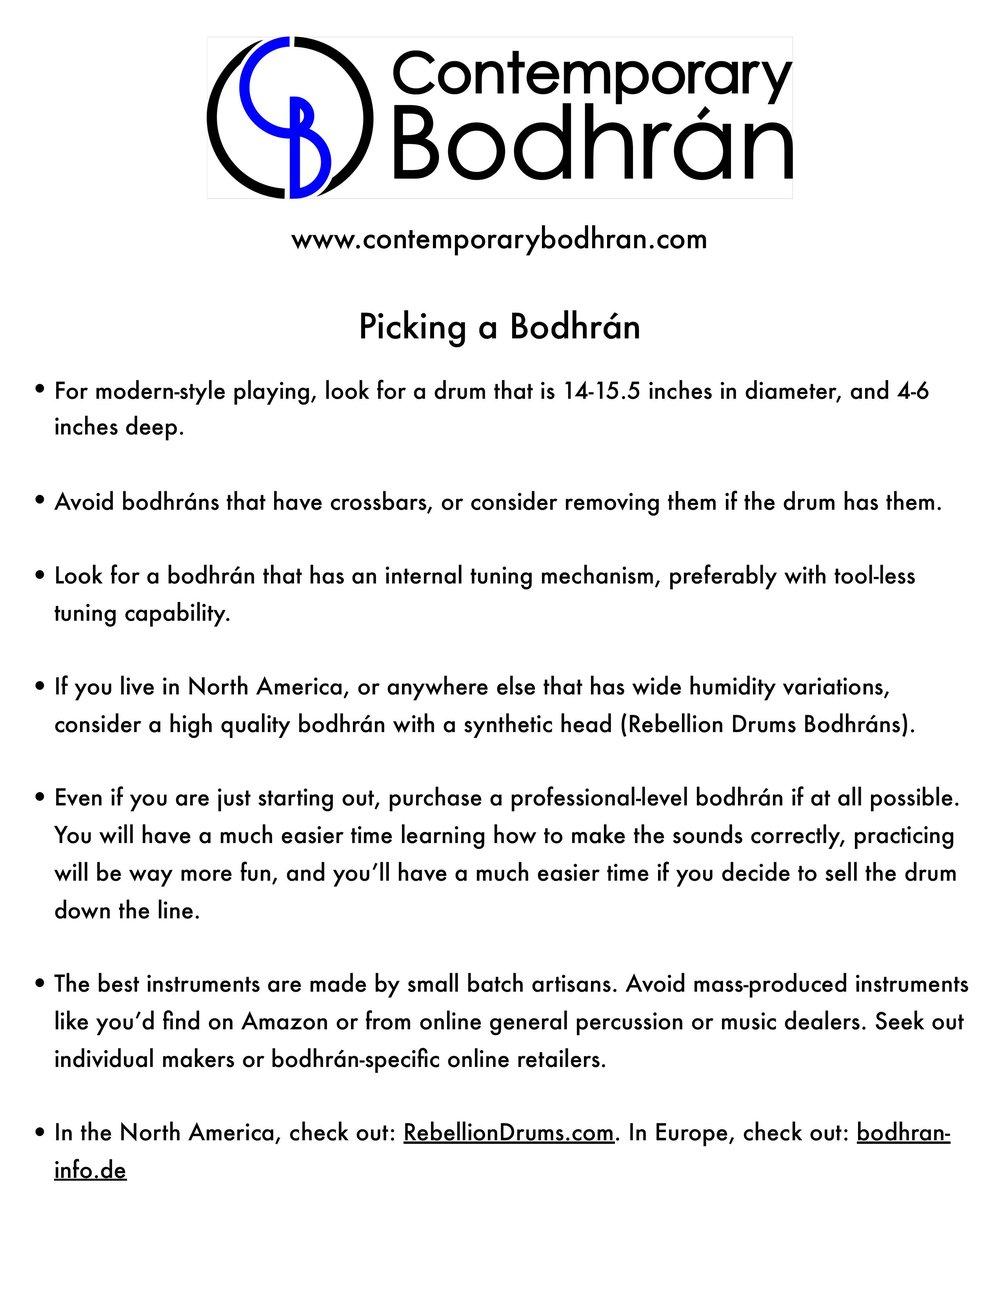 Picking a Bodhrán-page-001.jpg